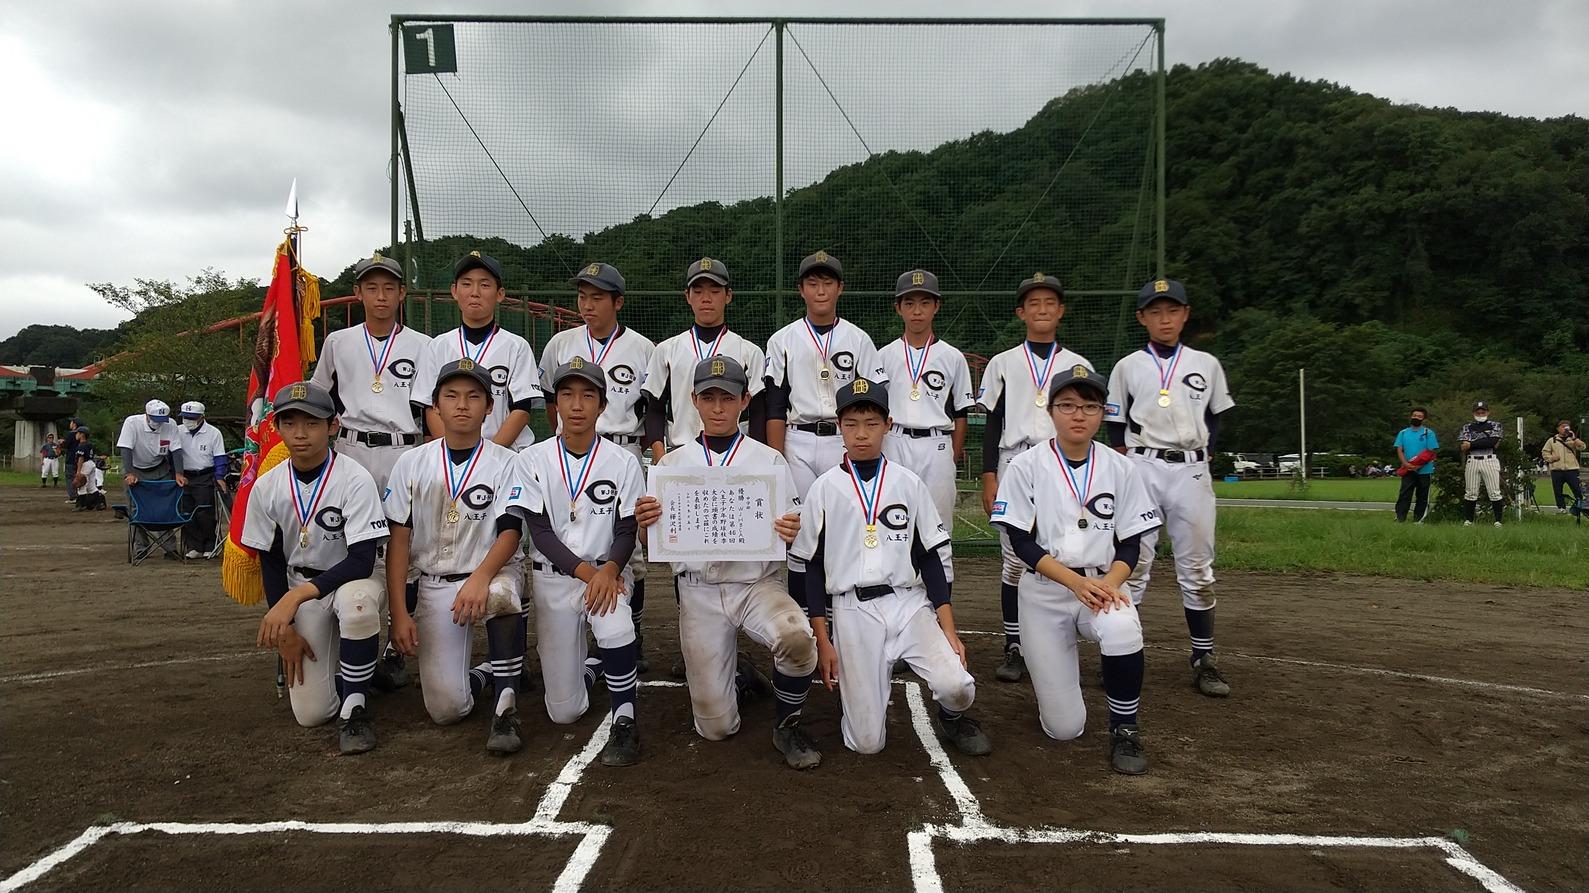 第46回 少年軟式野球(中学)秋季大会 優 勝 八王子WJHBC-A 令和3年9月5日